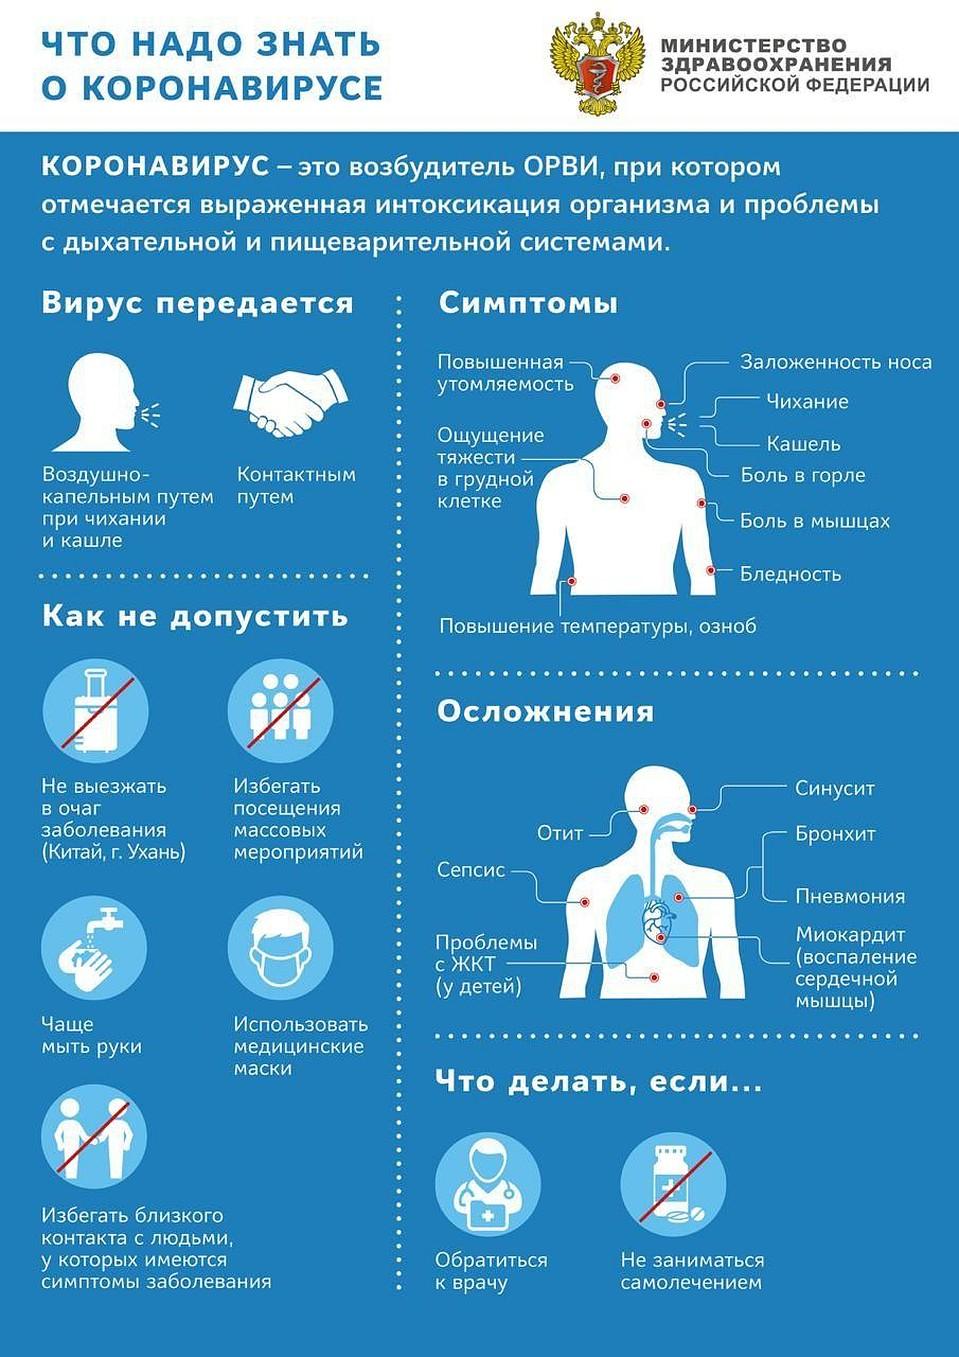 Вирус передается воздушно-капельный путем и при контакте с зараженным человеком